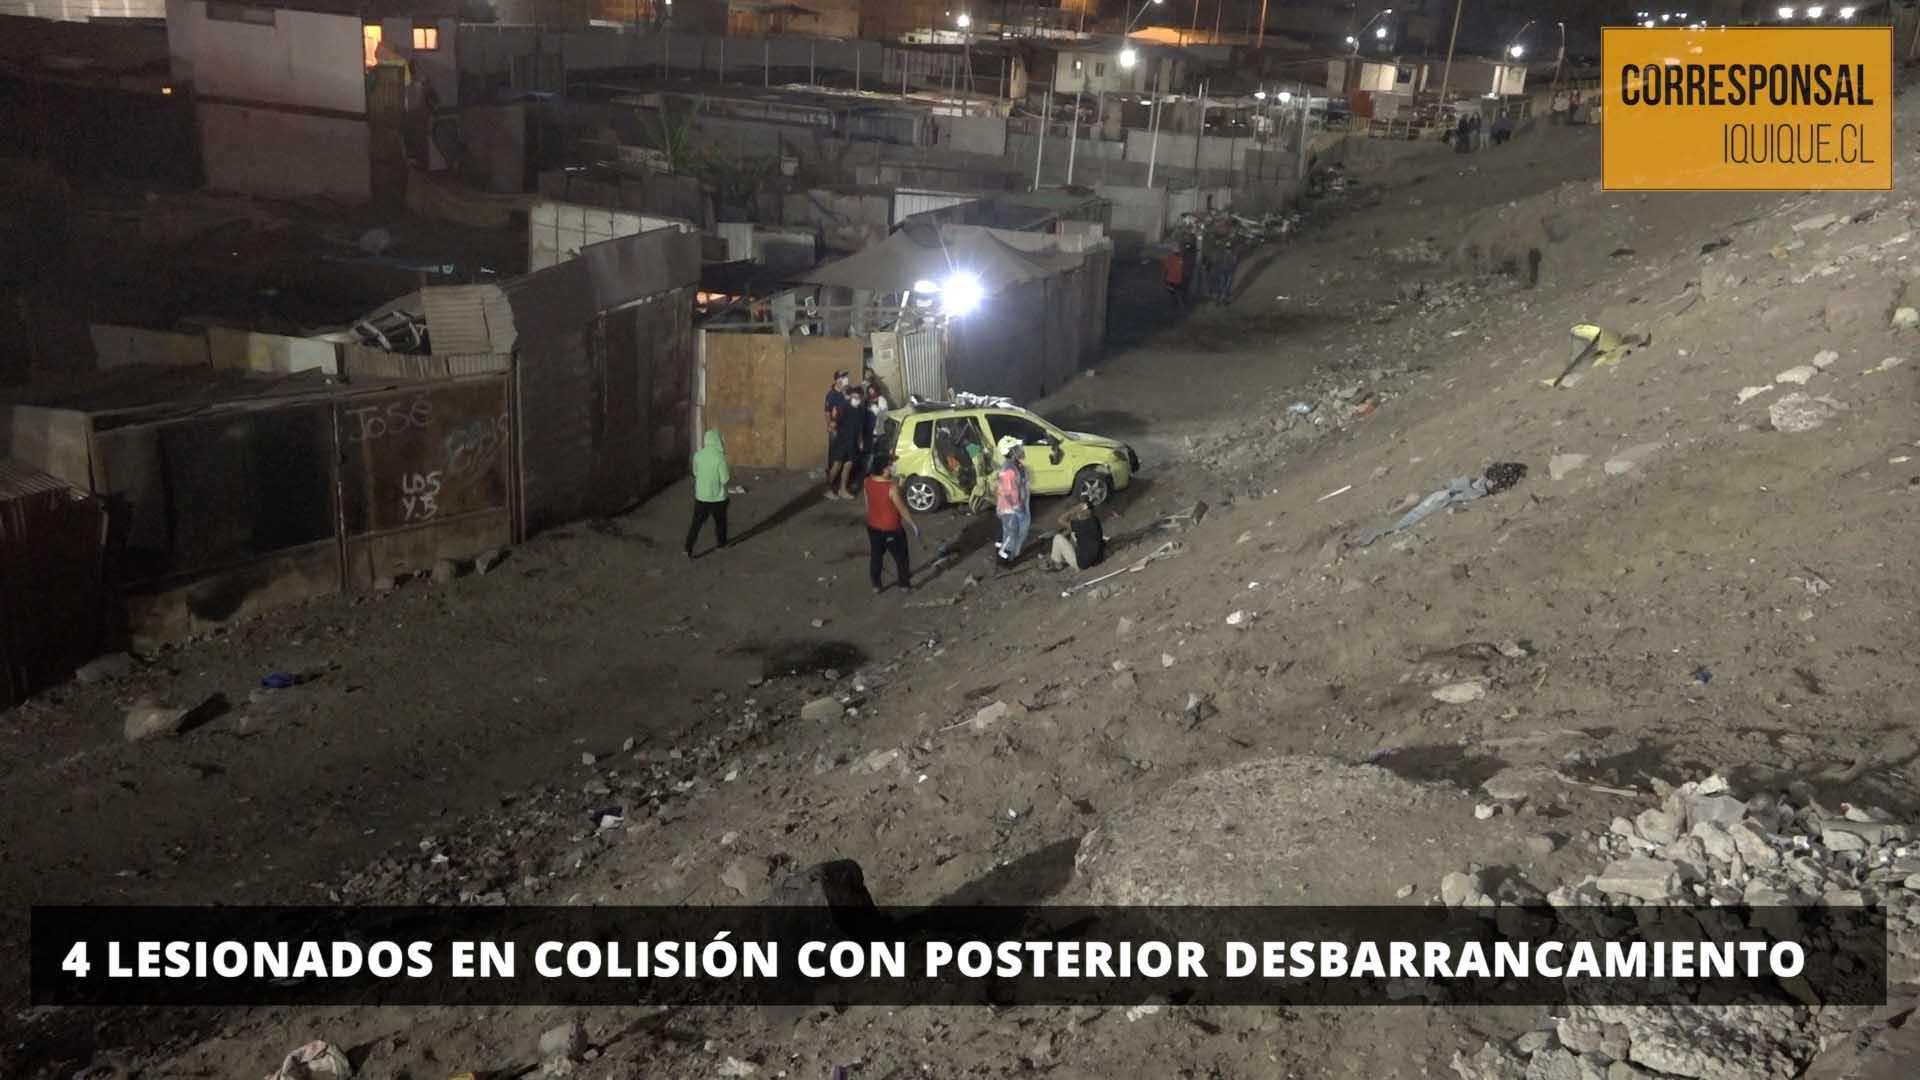 Photo of 4 lesionados en colisión con posterior desbarrancamiento